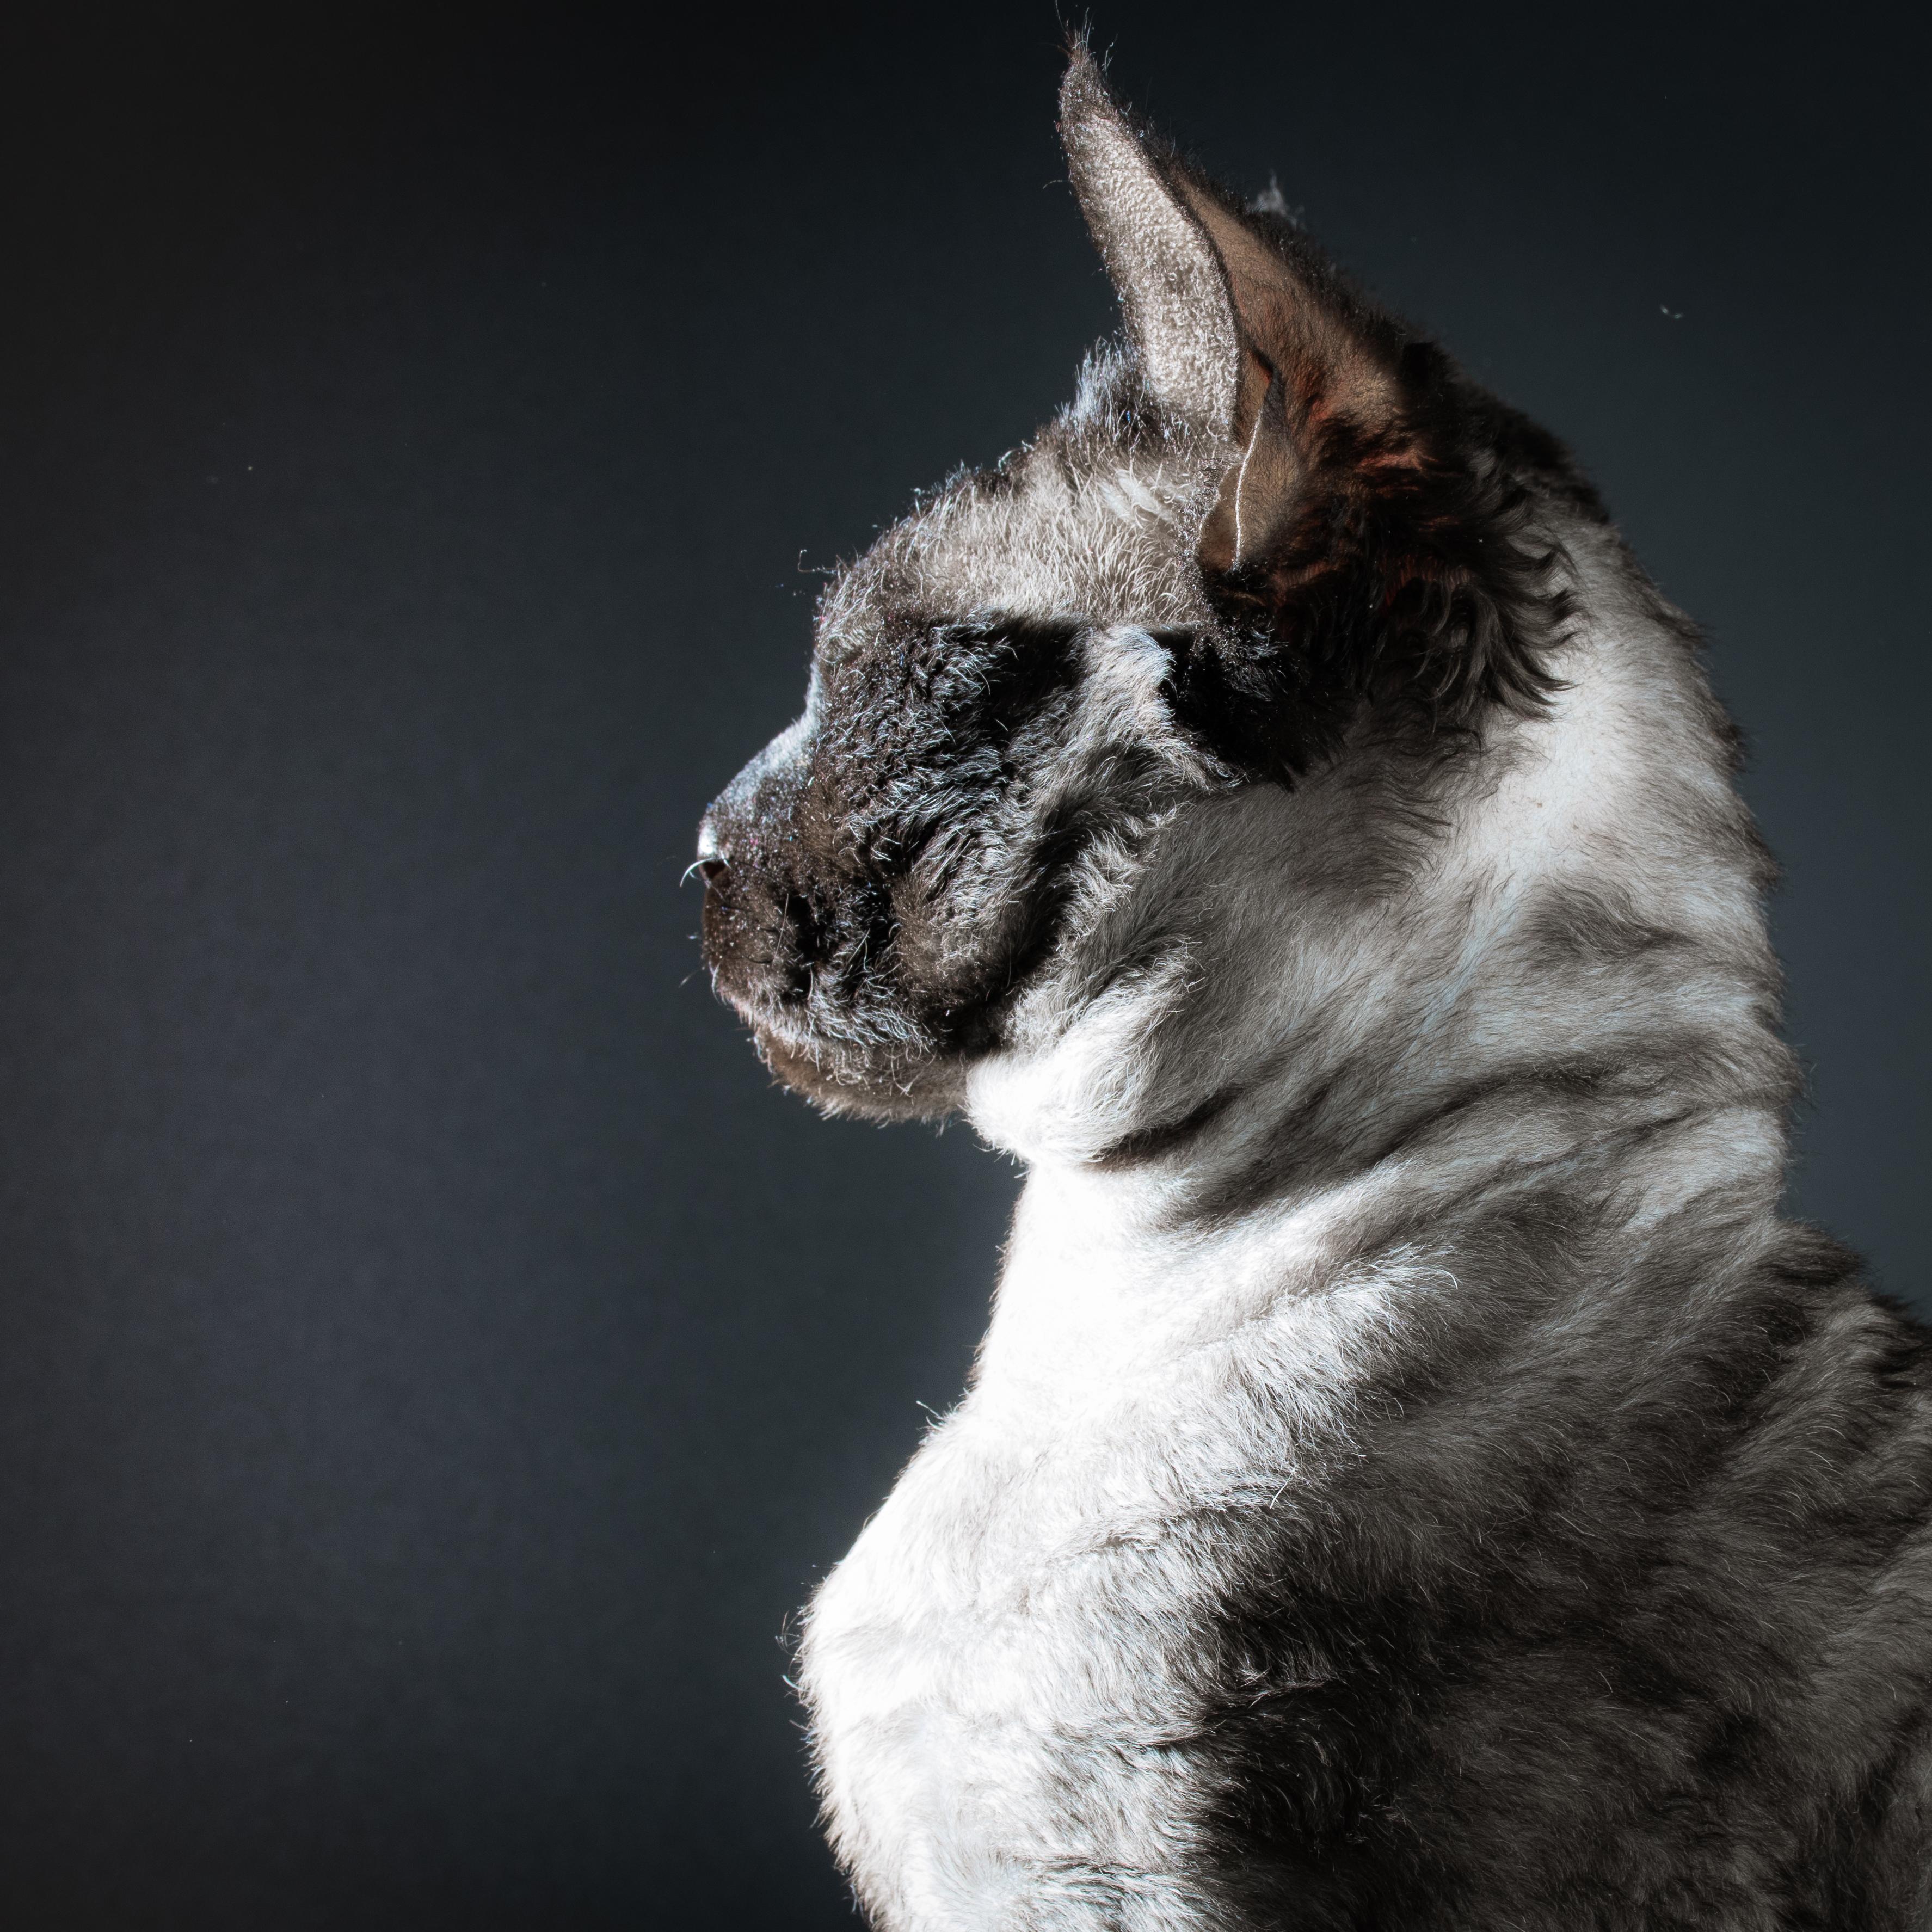 Домашний кот. Девон-рекс. Портрет